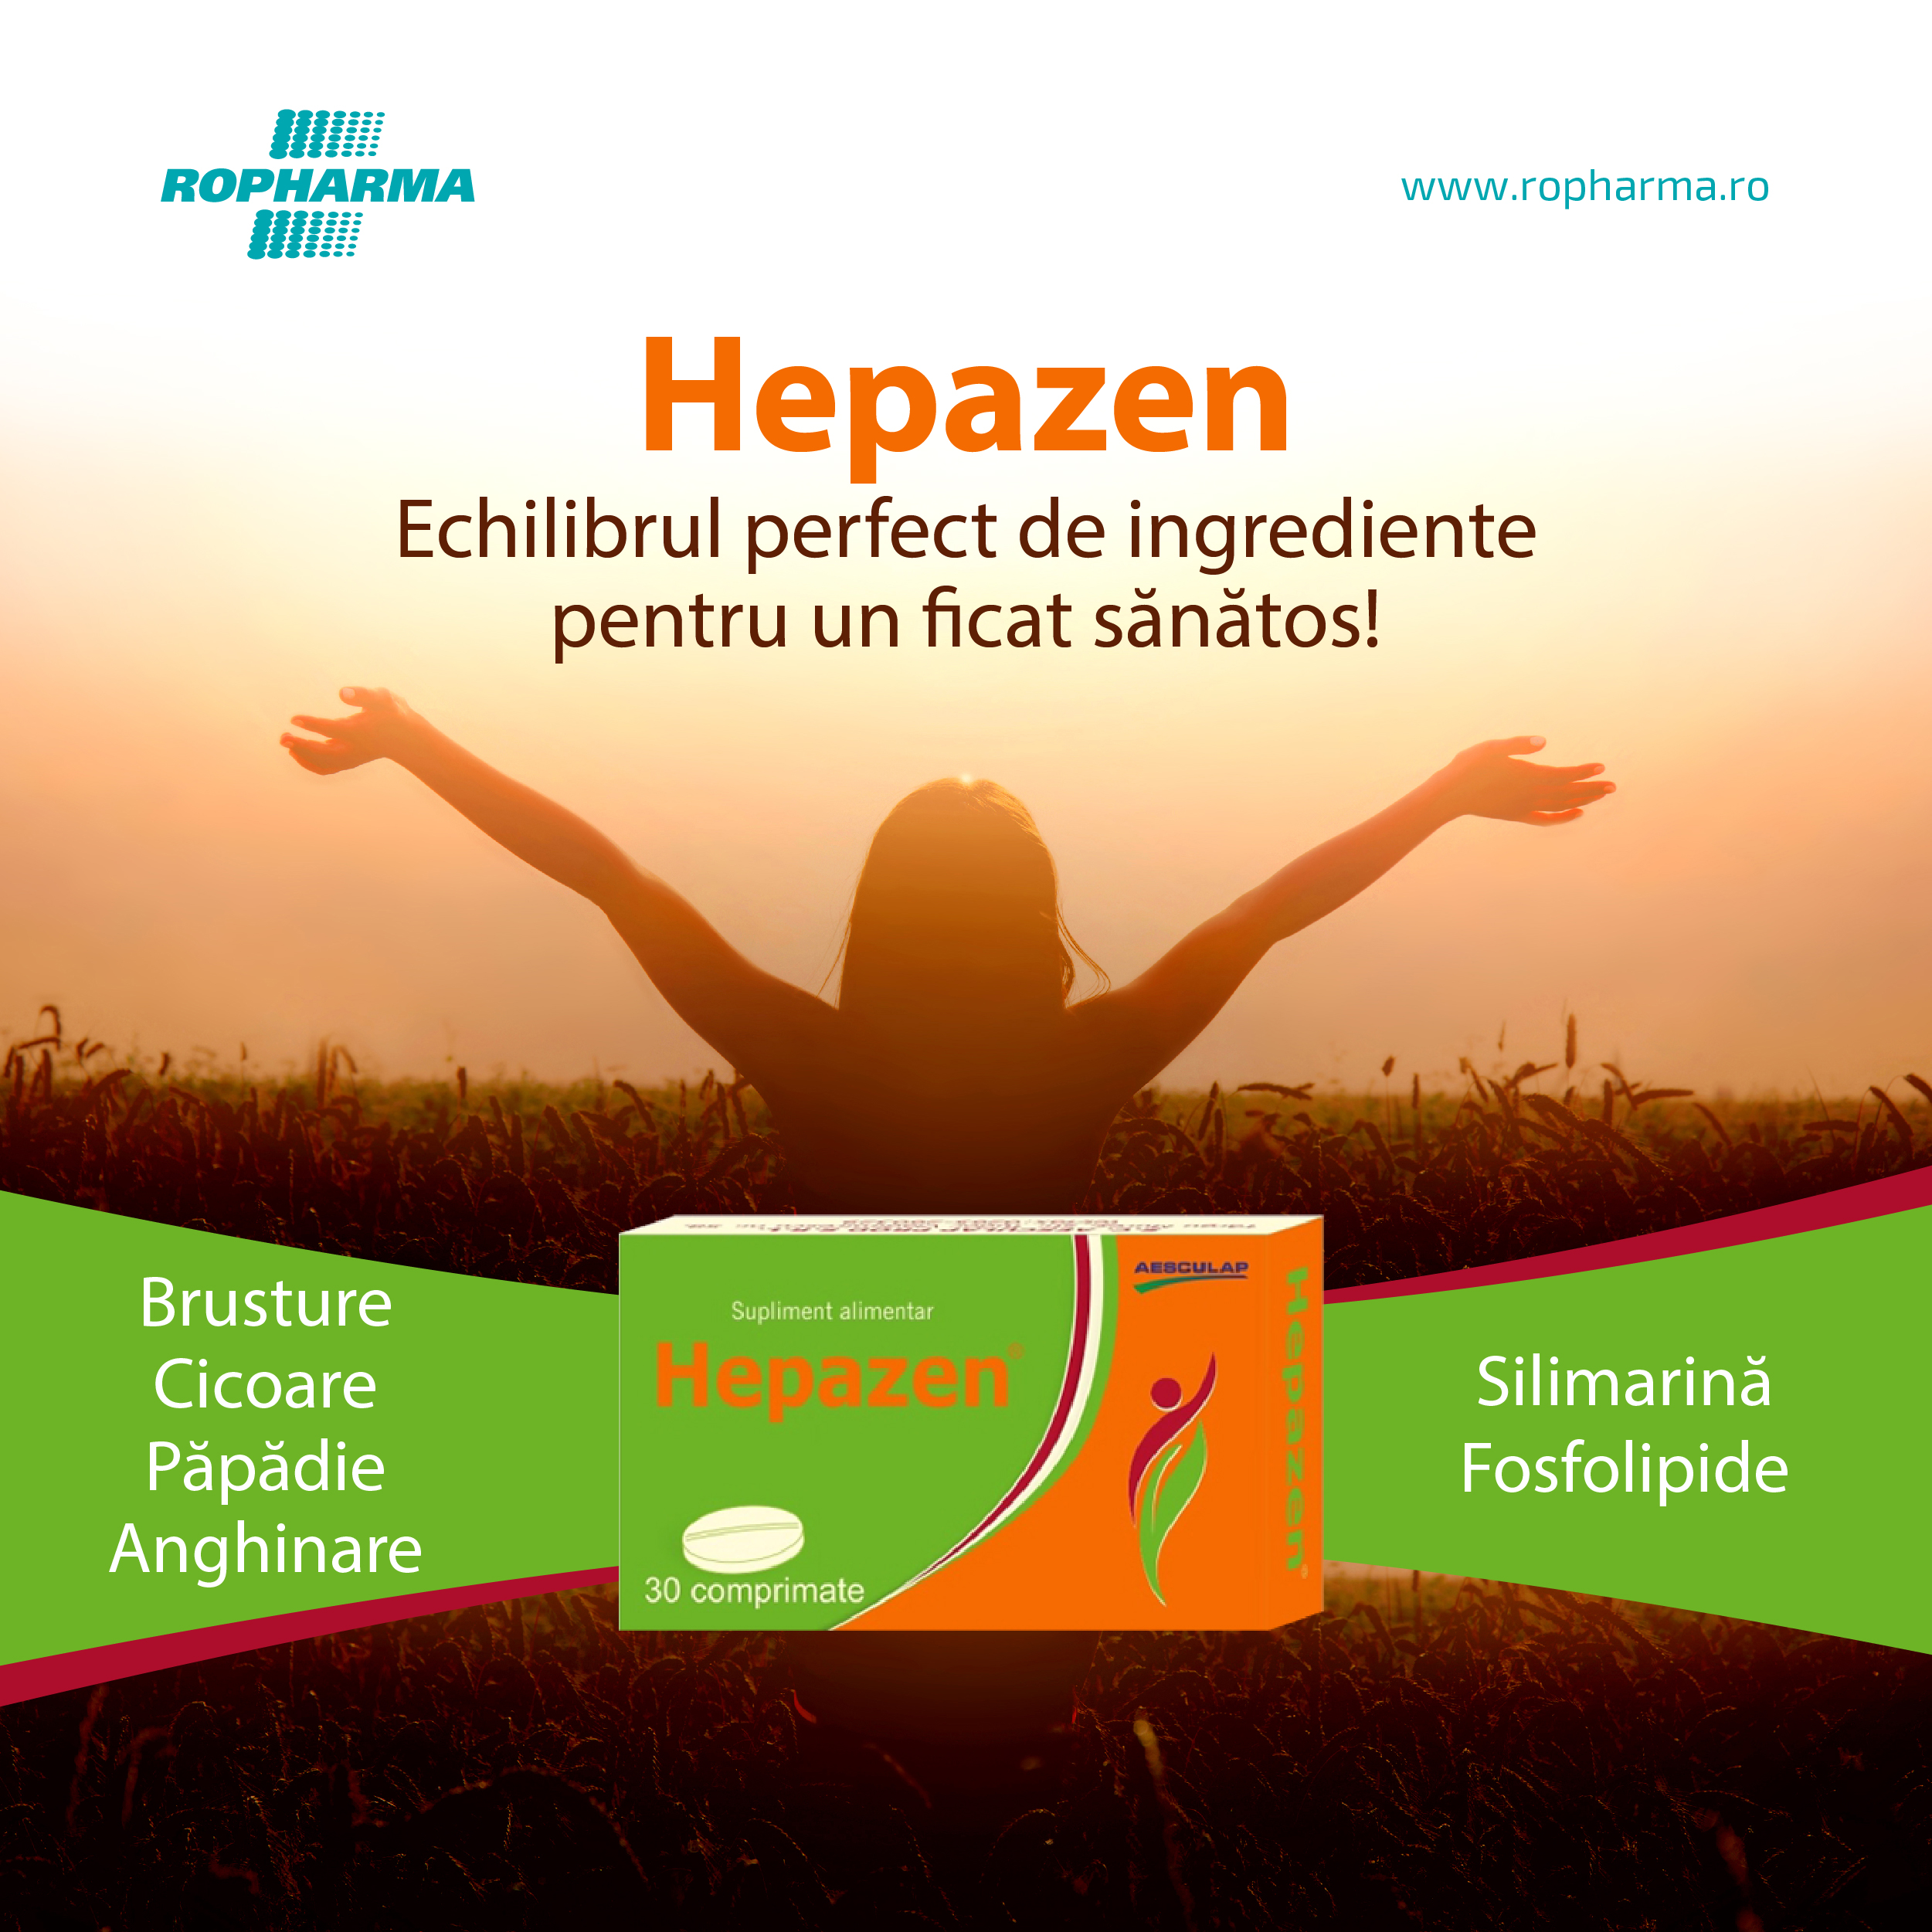 Hepazen – Echilibrul perfect de ingrediente pentru un ficat sănătos!